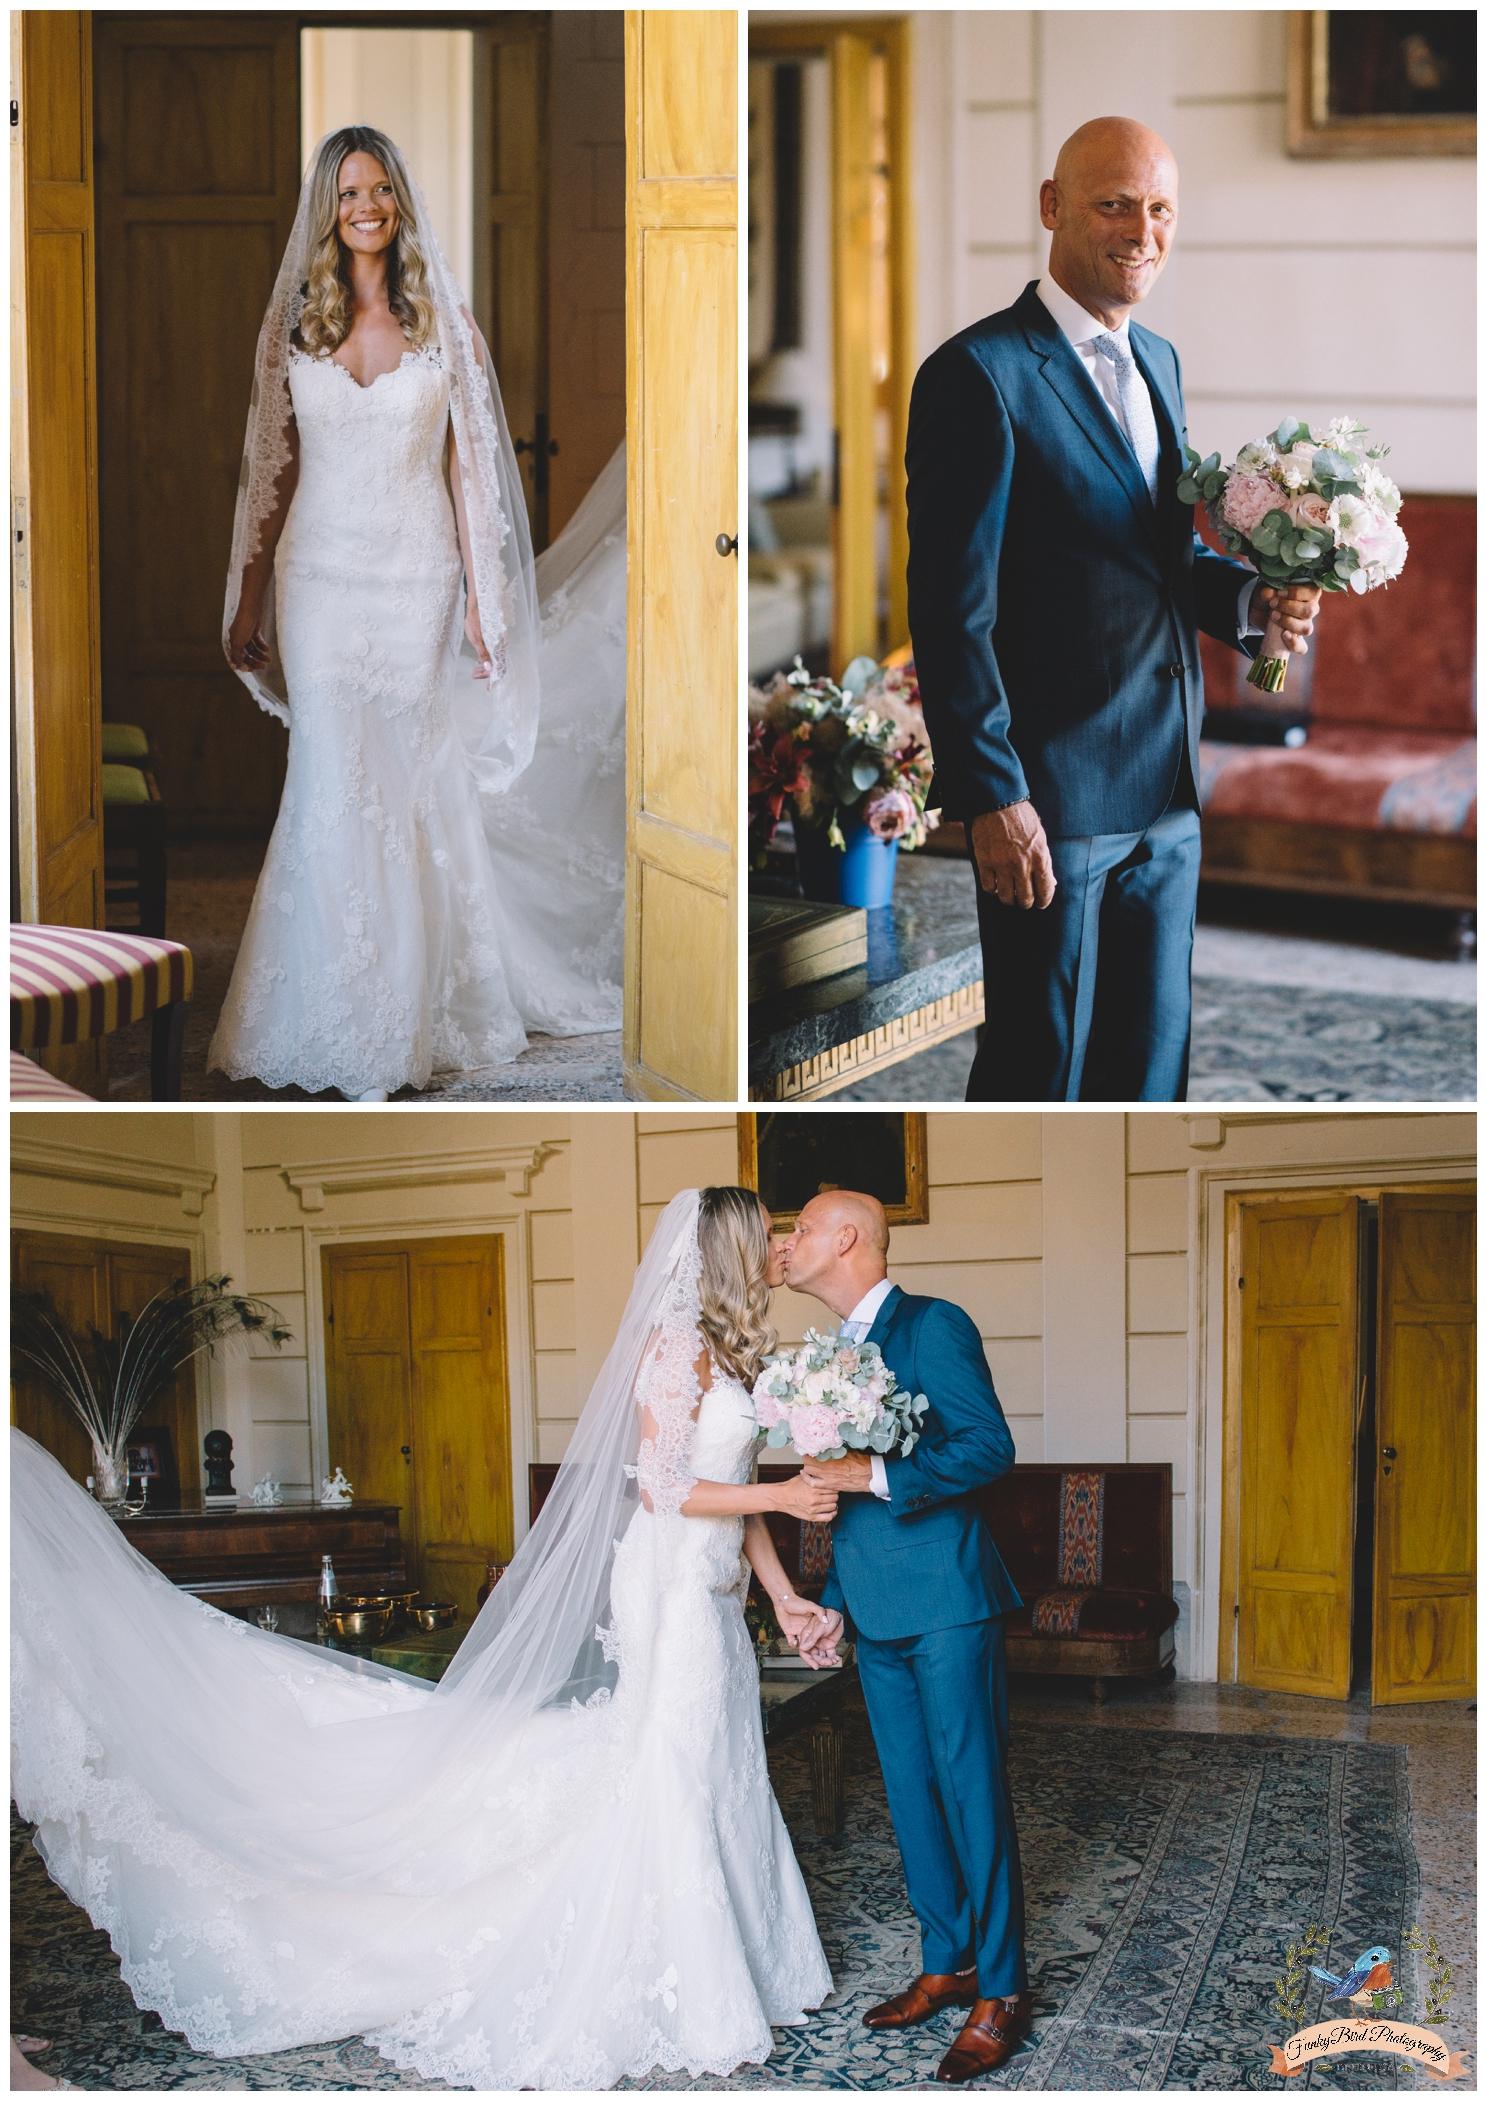 Wedding_Photographer_Tuscany_Florence_Italy_22.jpg